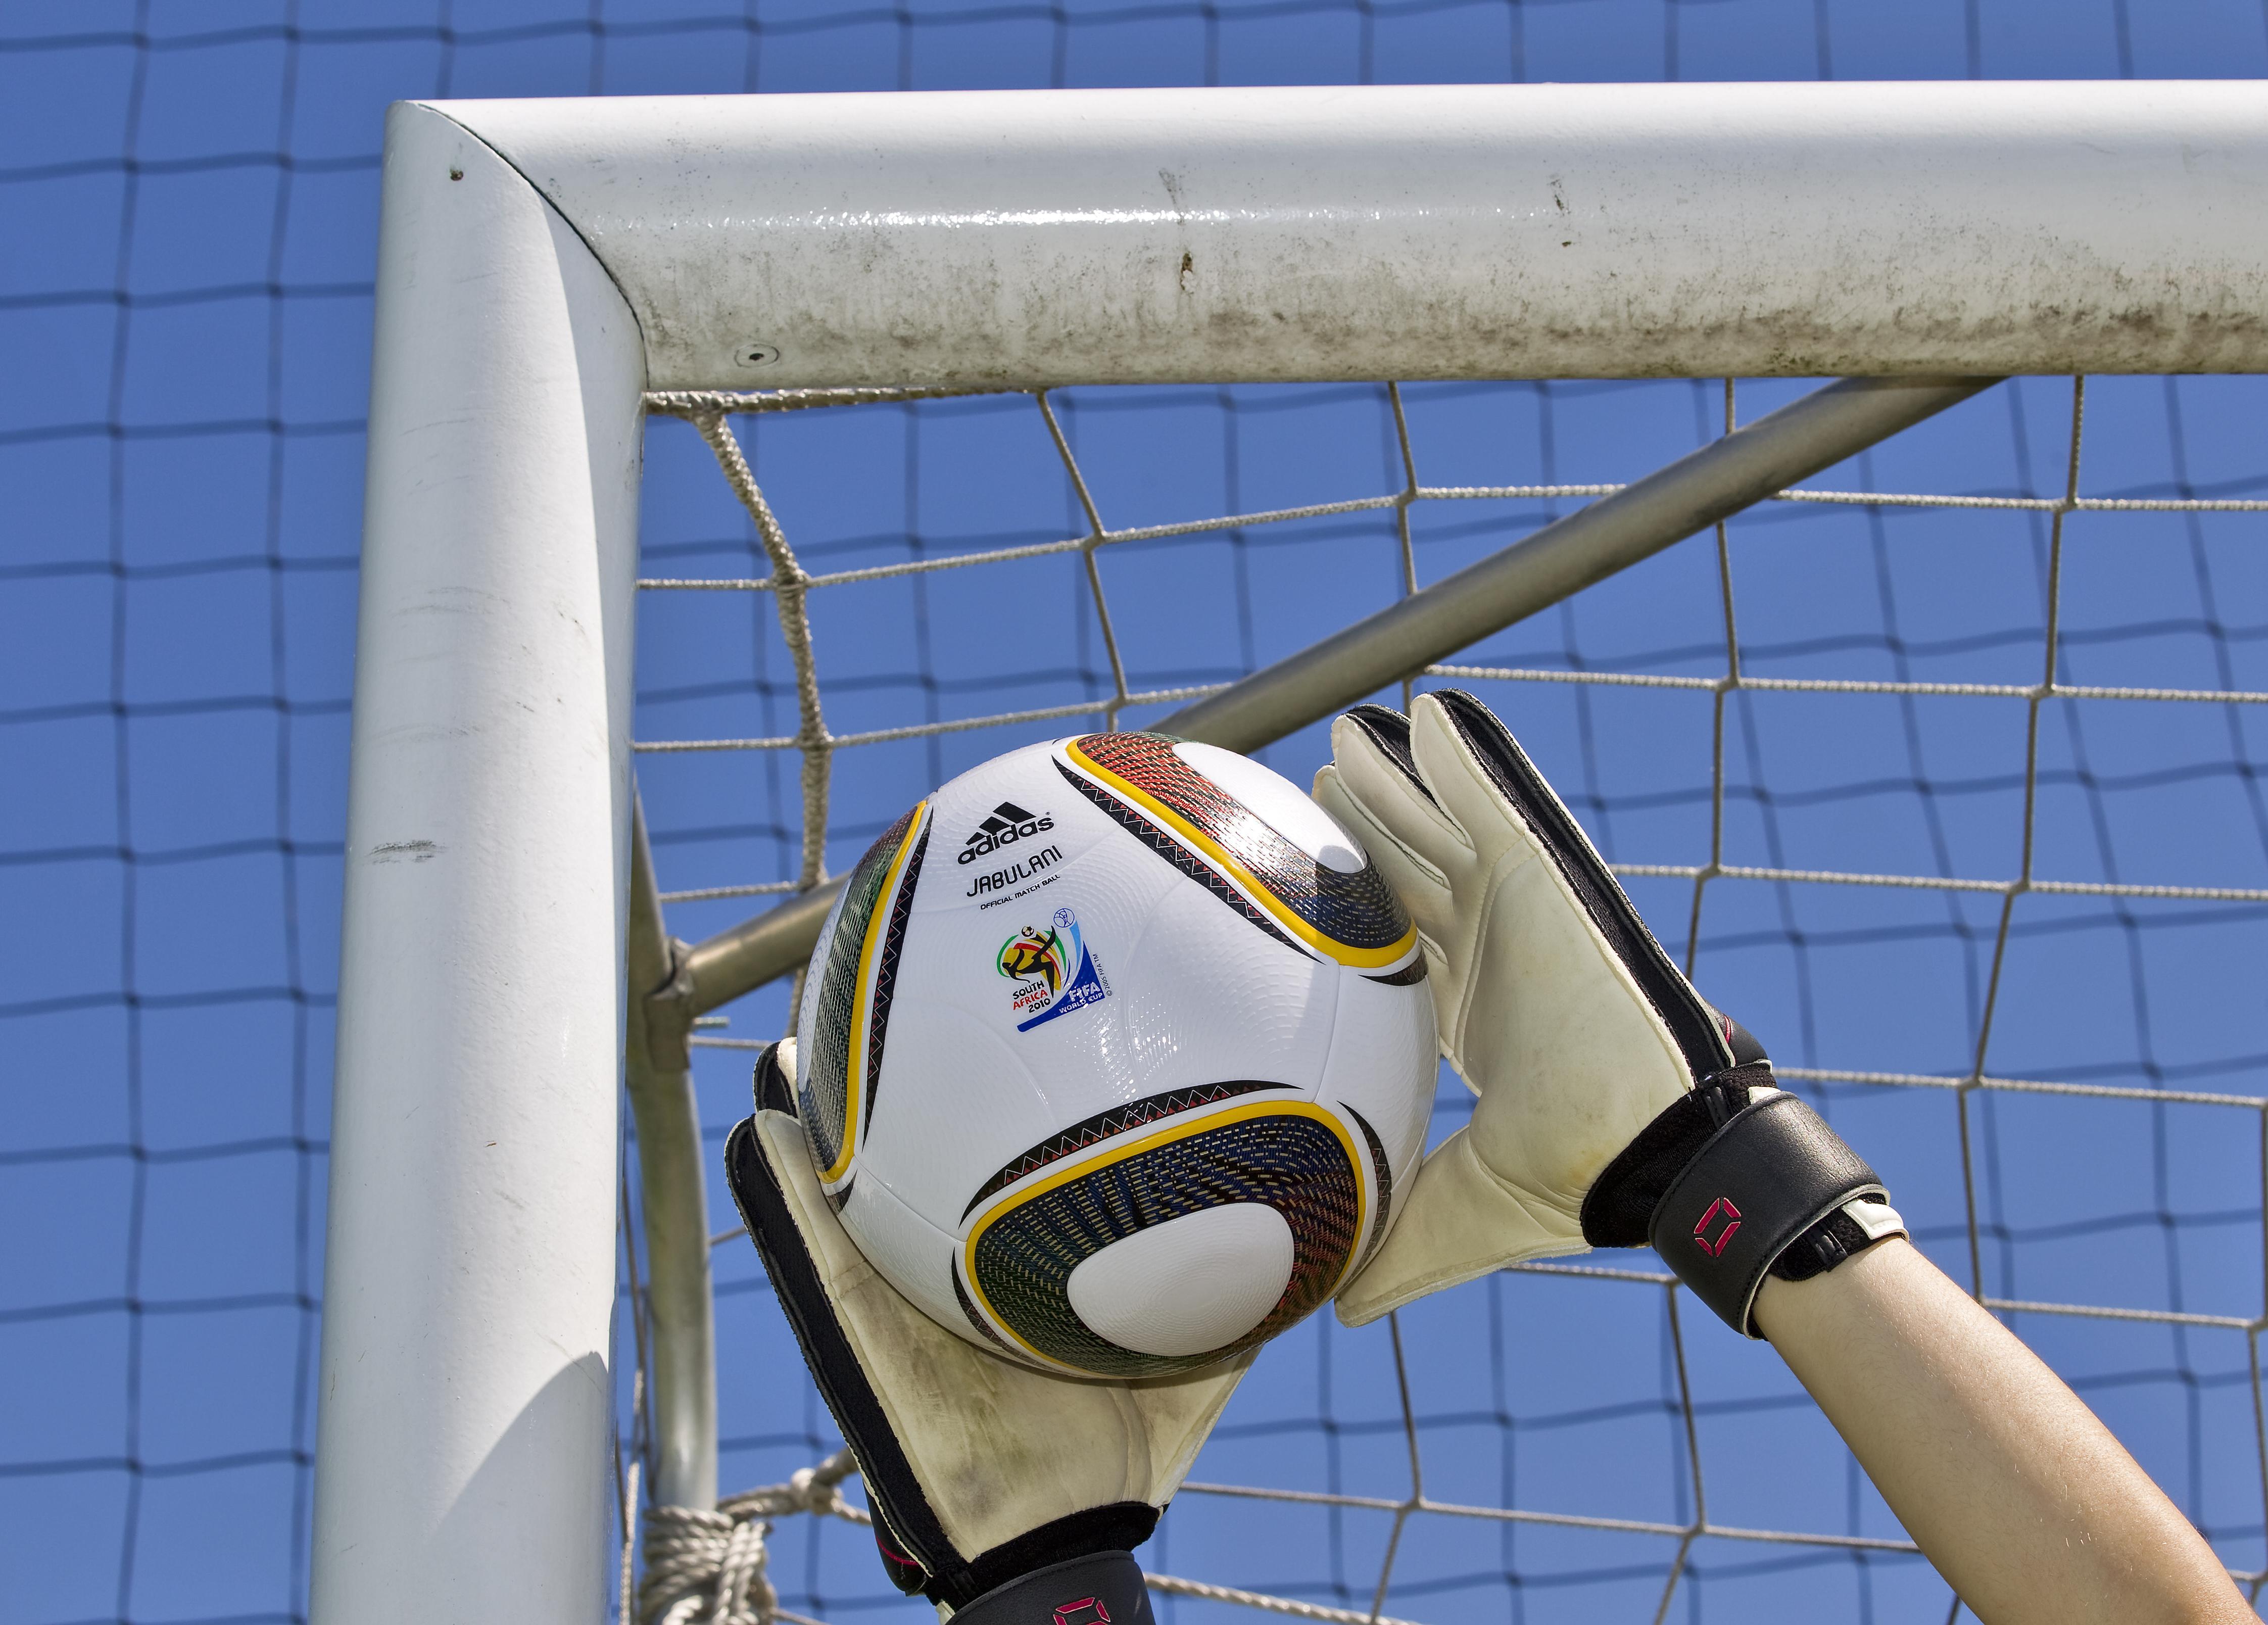 Volendam huurt doelman Filip Stankovic voor een jaar; Weer een deal met Inter Milan [video]